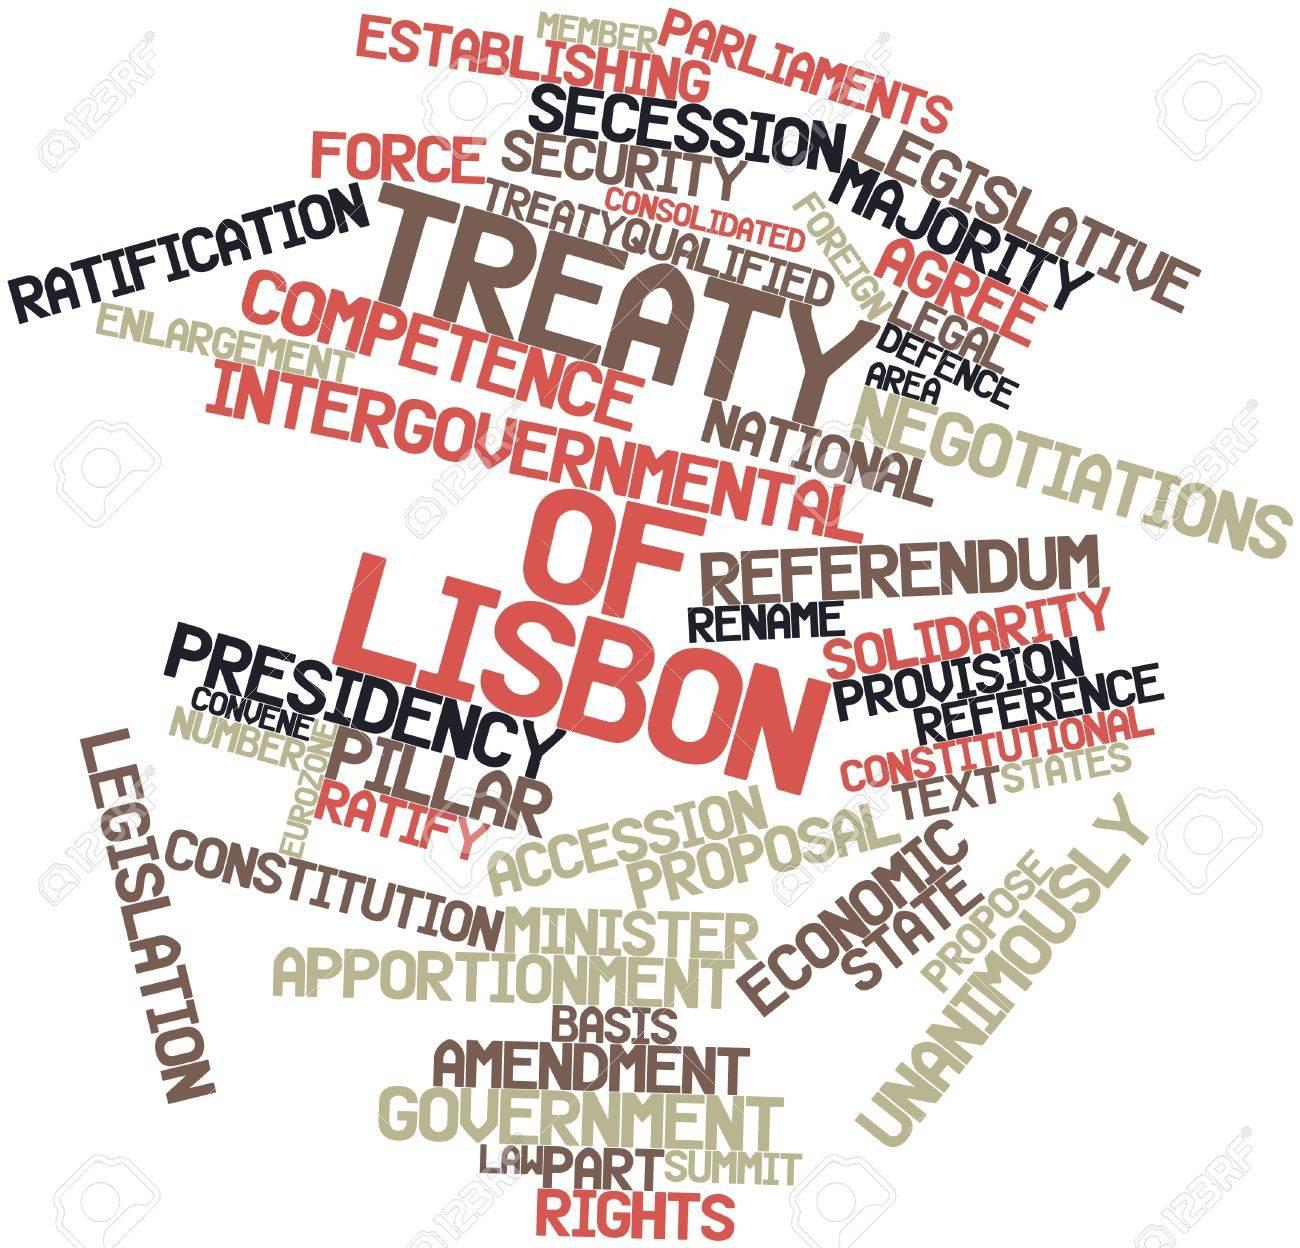 Abstraktes Wort Wolke Für Vertrag Von Lissabon Mit Verwandte Tags